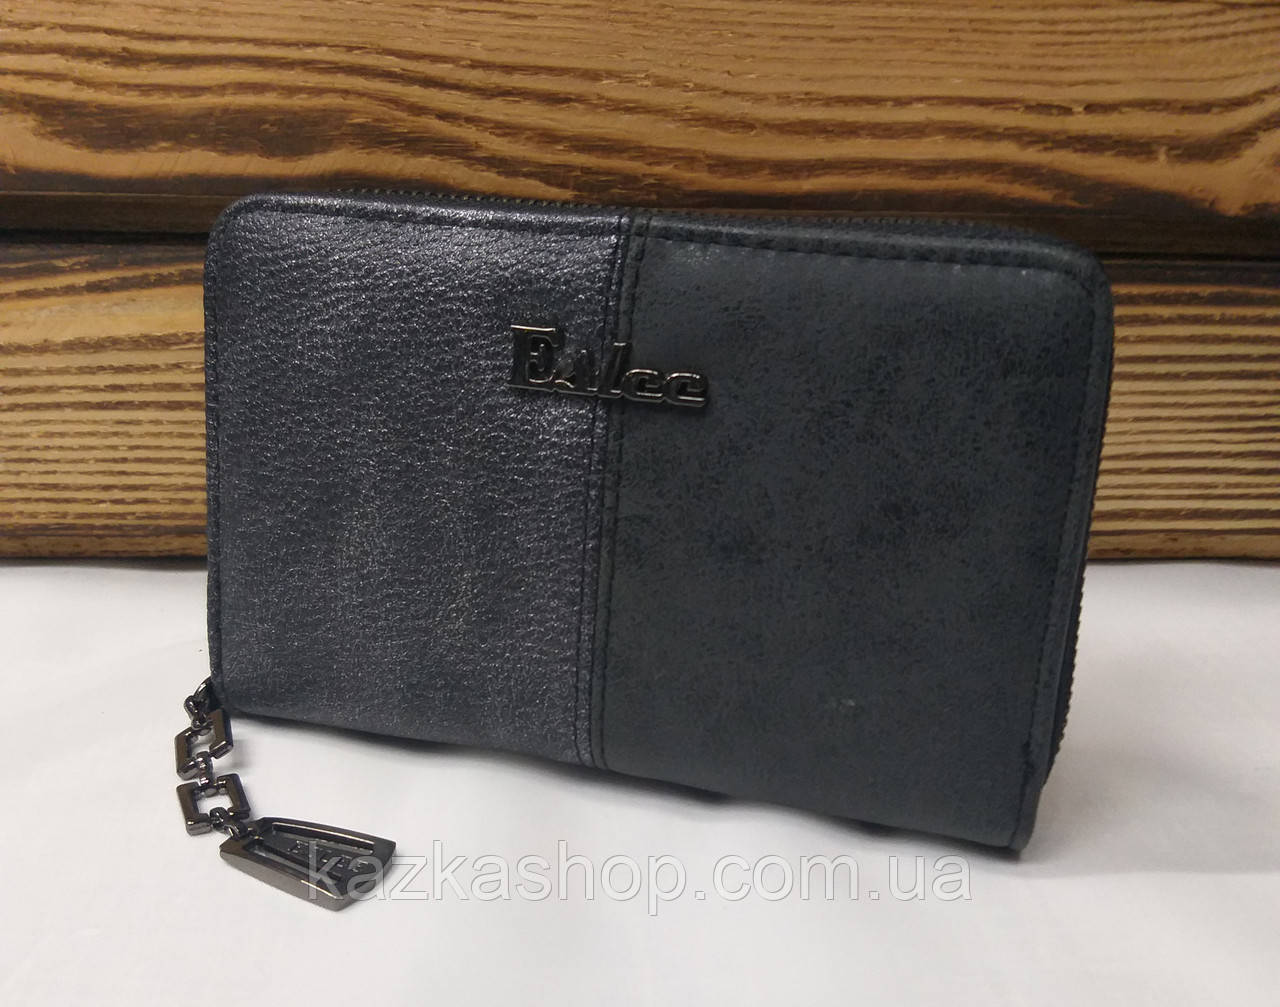 Женский кошелек из искусственной кожи, на молнии, 5 купюрниц, для 6 карт